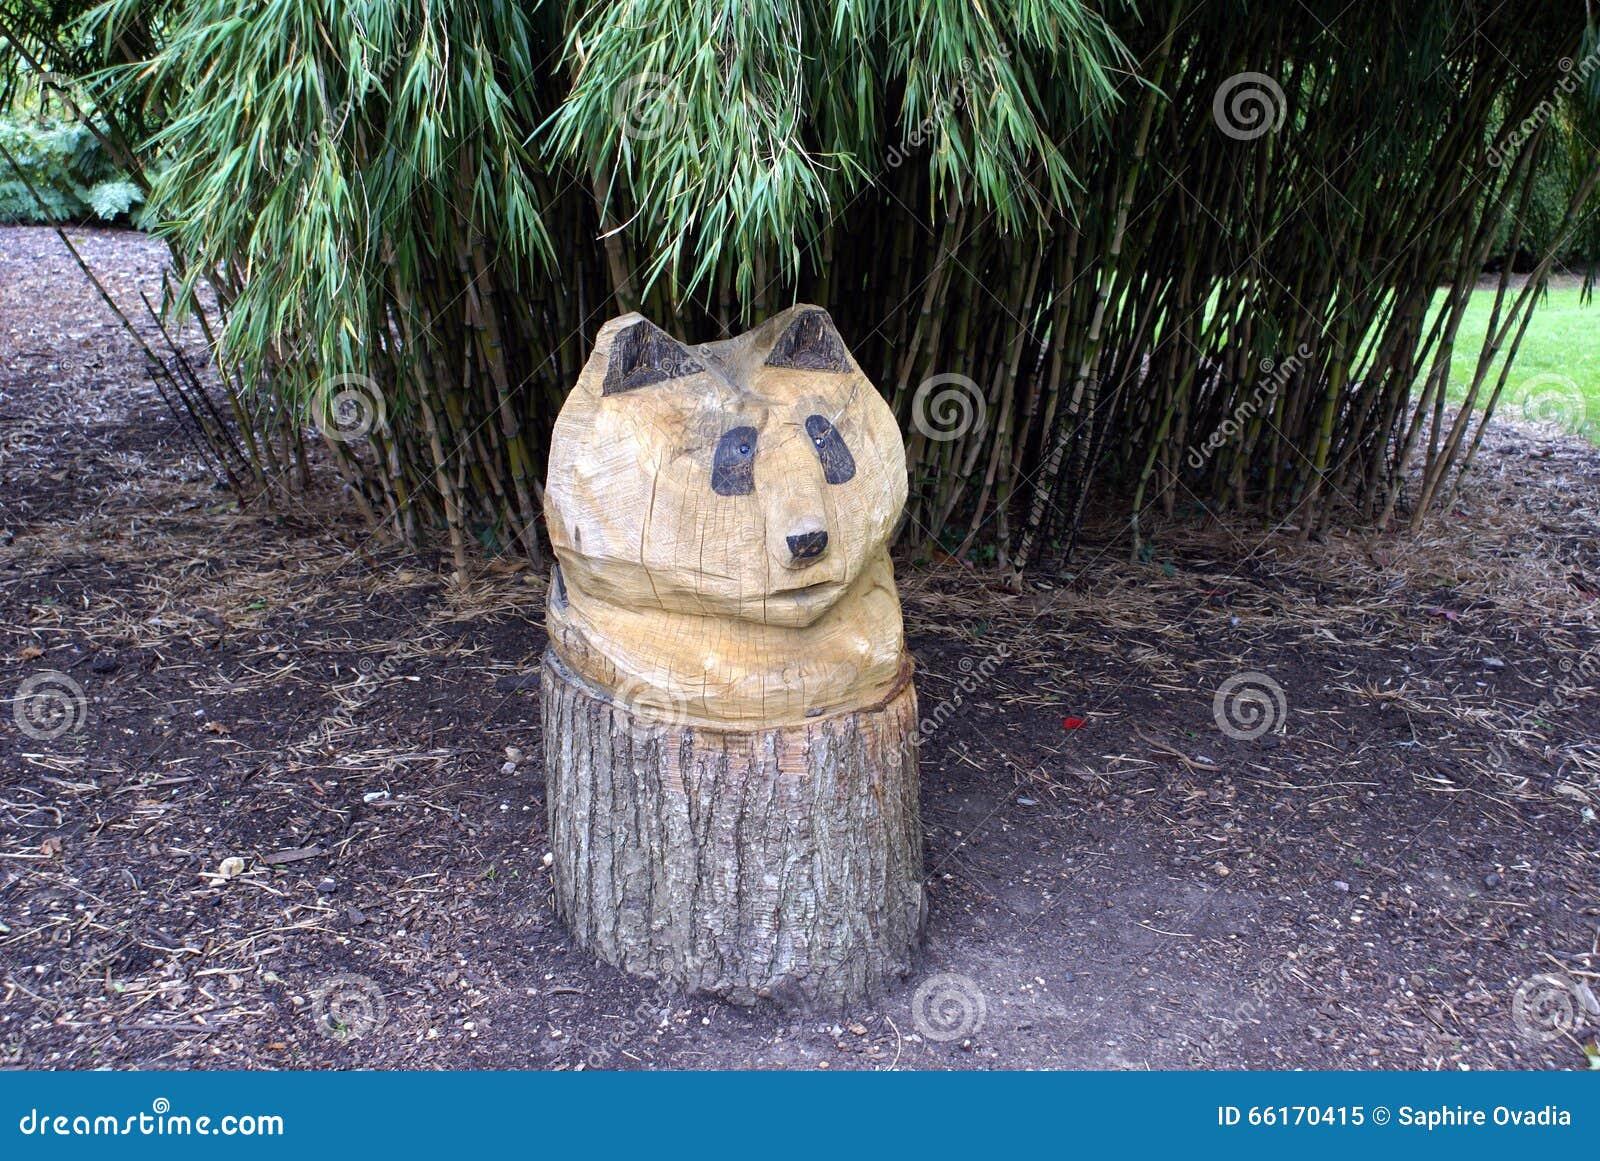 Decorazioni In Legno Per Giardino : Decorazione di scultura di legno del giardino della scultura del